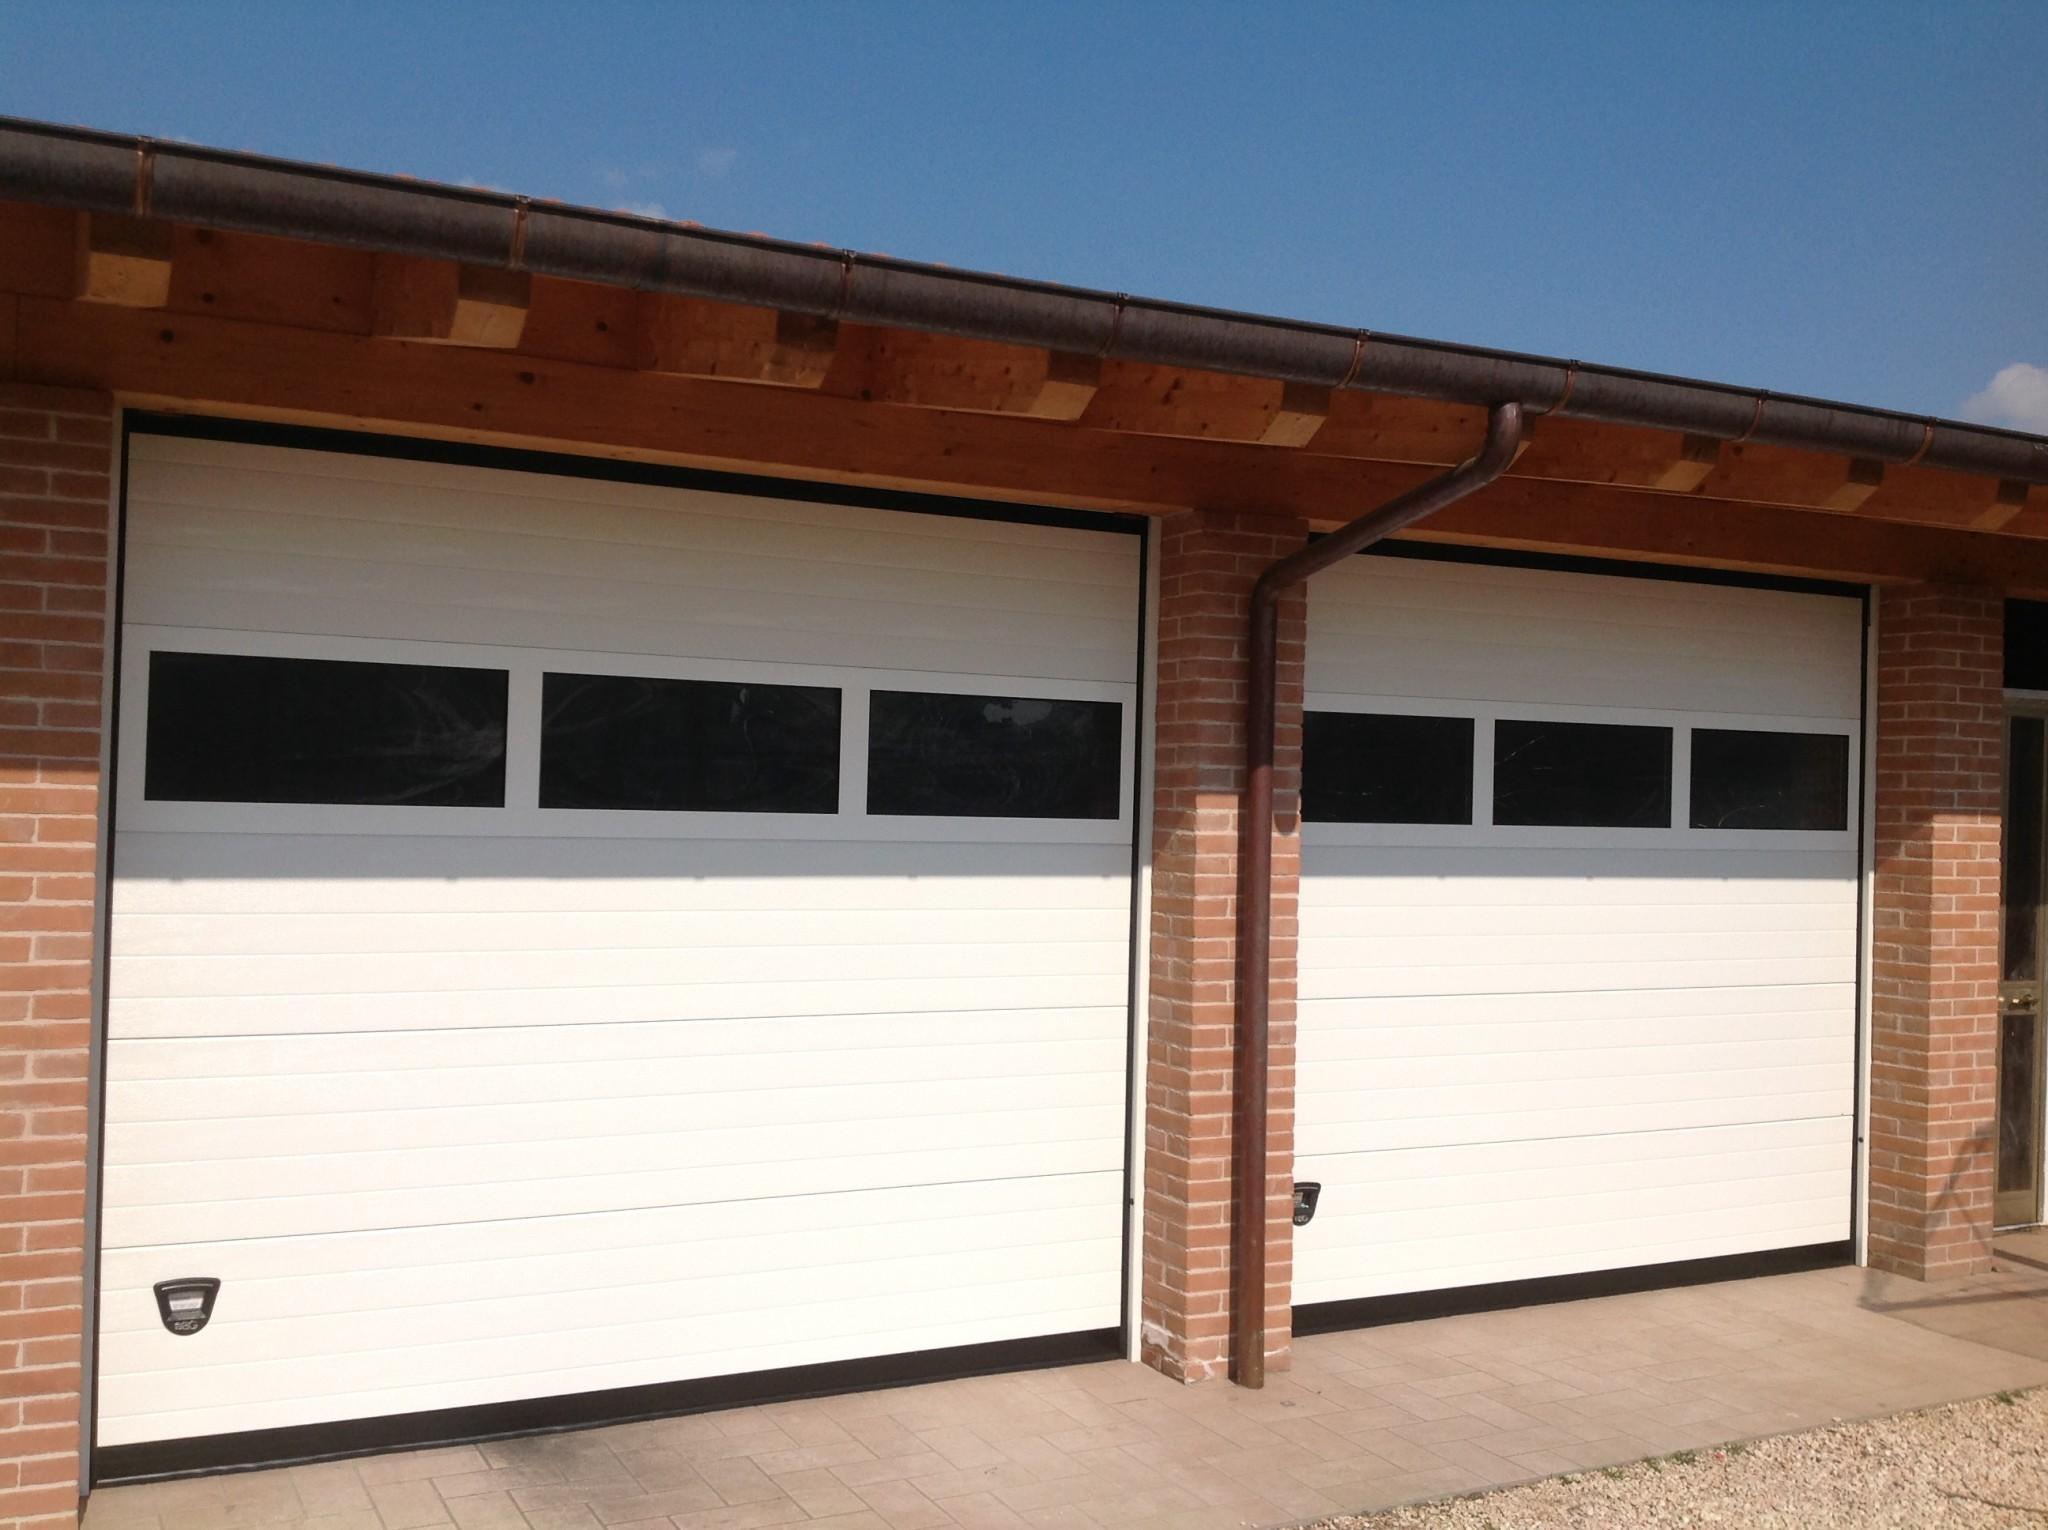 Portoni in legno per garage idee di design per la casa for Idee aggiuntive di garage allegato